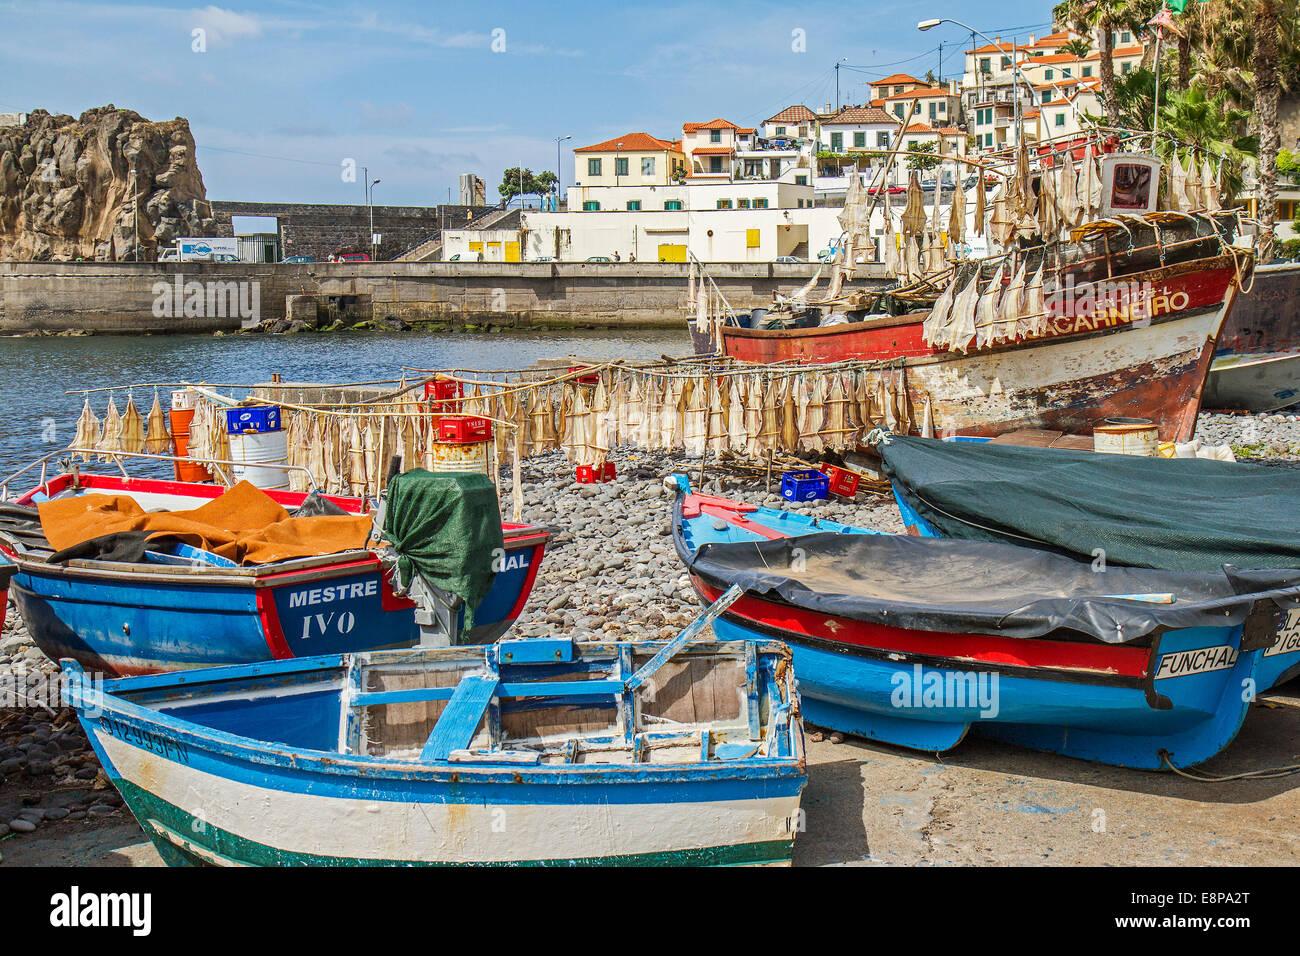 Camara De Lobos Harbour Madeira Portugal - Stock Image